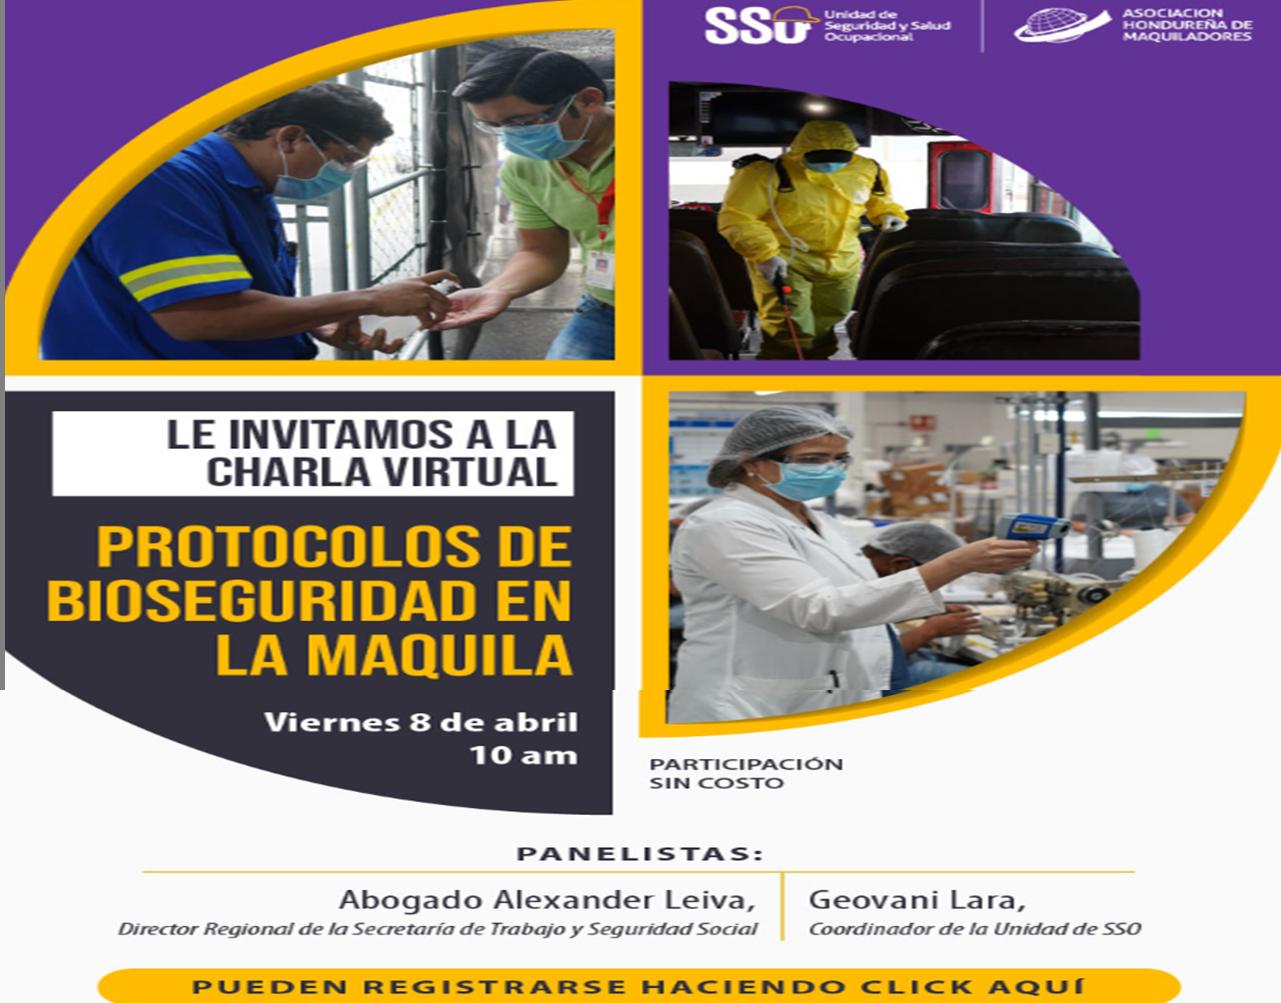 """AHM y Unidad de SSO organizan charla virual: """"Protocolos de bioseguridad"""" en la maquila"""